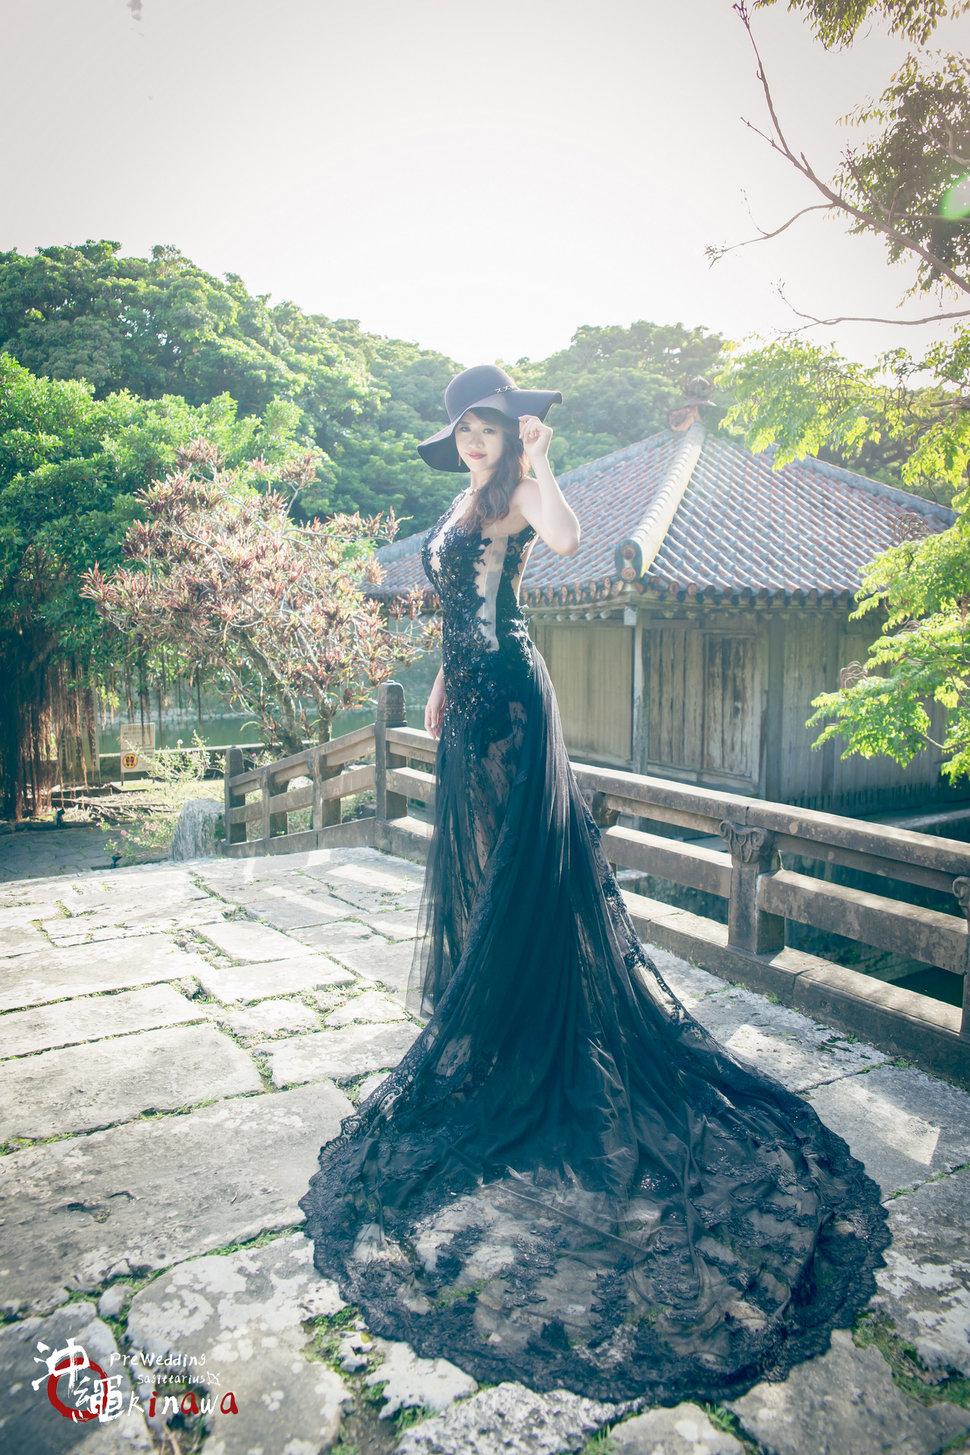 嘉麟 & 胤芳 Overseas Pre Wedding For Okinawa 沖繩海外婚紗(編號:551972) - 射手的天空 / 海外婚紗 婚禮 婚攝工作 - 結婚吧